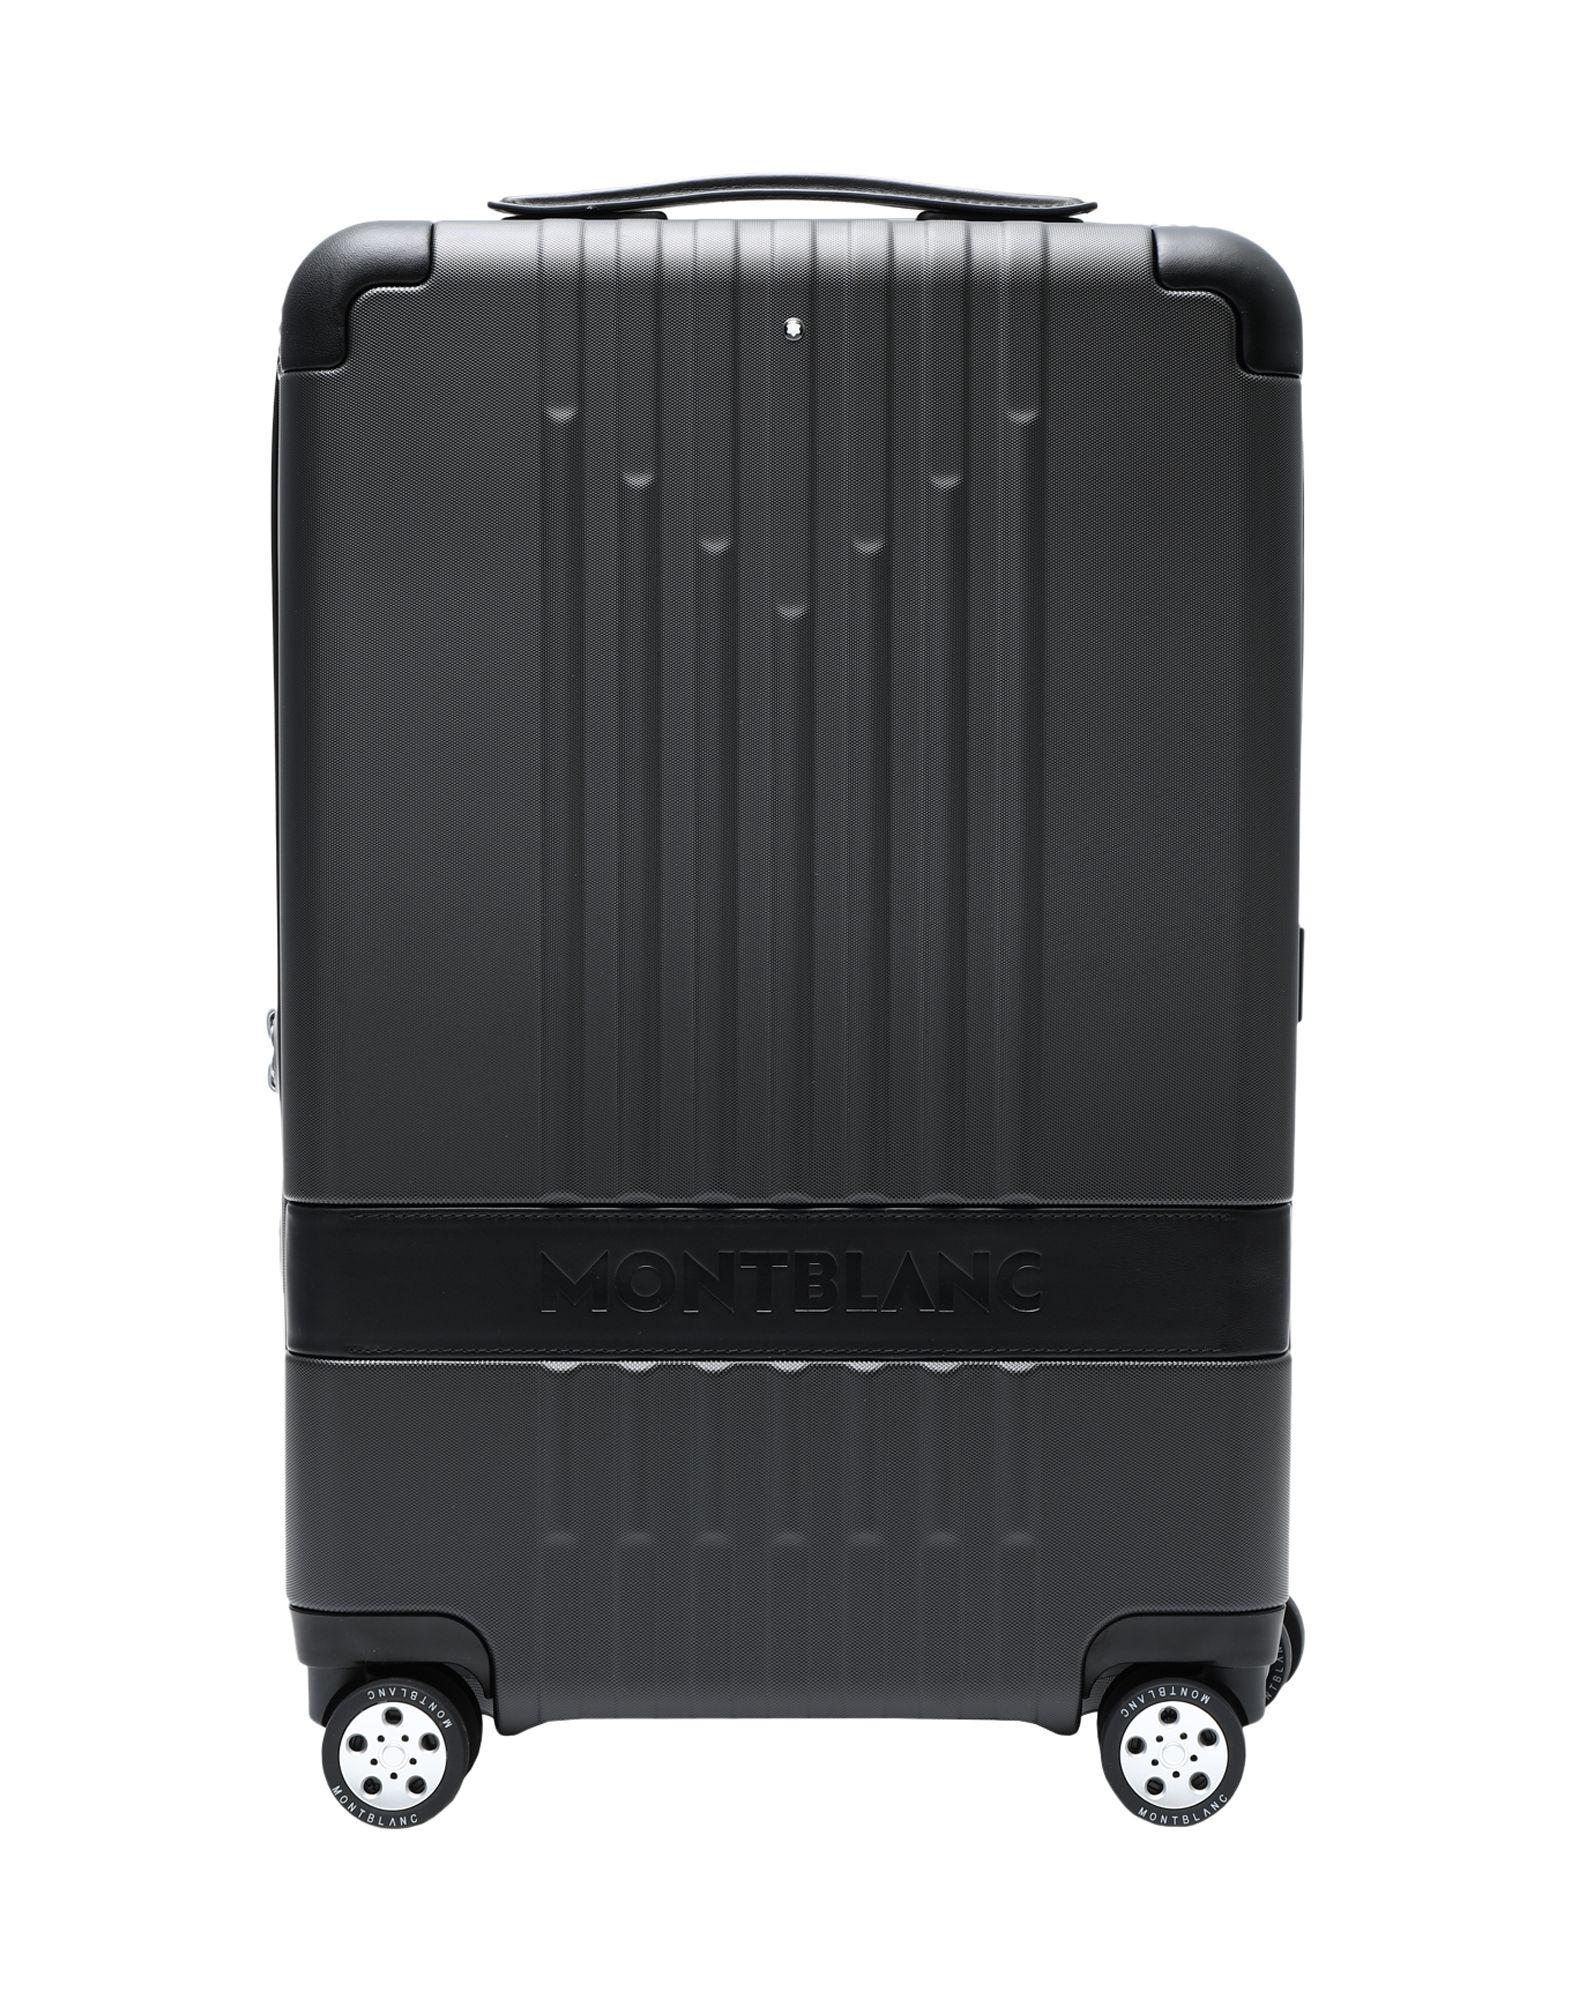 《セール開催中》MONTBLANC Unisex キャスター付きバッグ ブラック ポリカーボネート 100% / 柔らかめの牛革 #MY4810 CABIN COMPACT TROLLEY